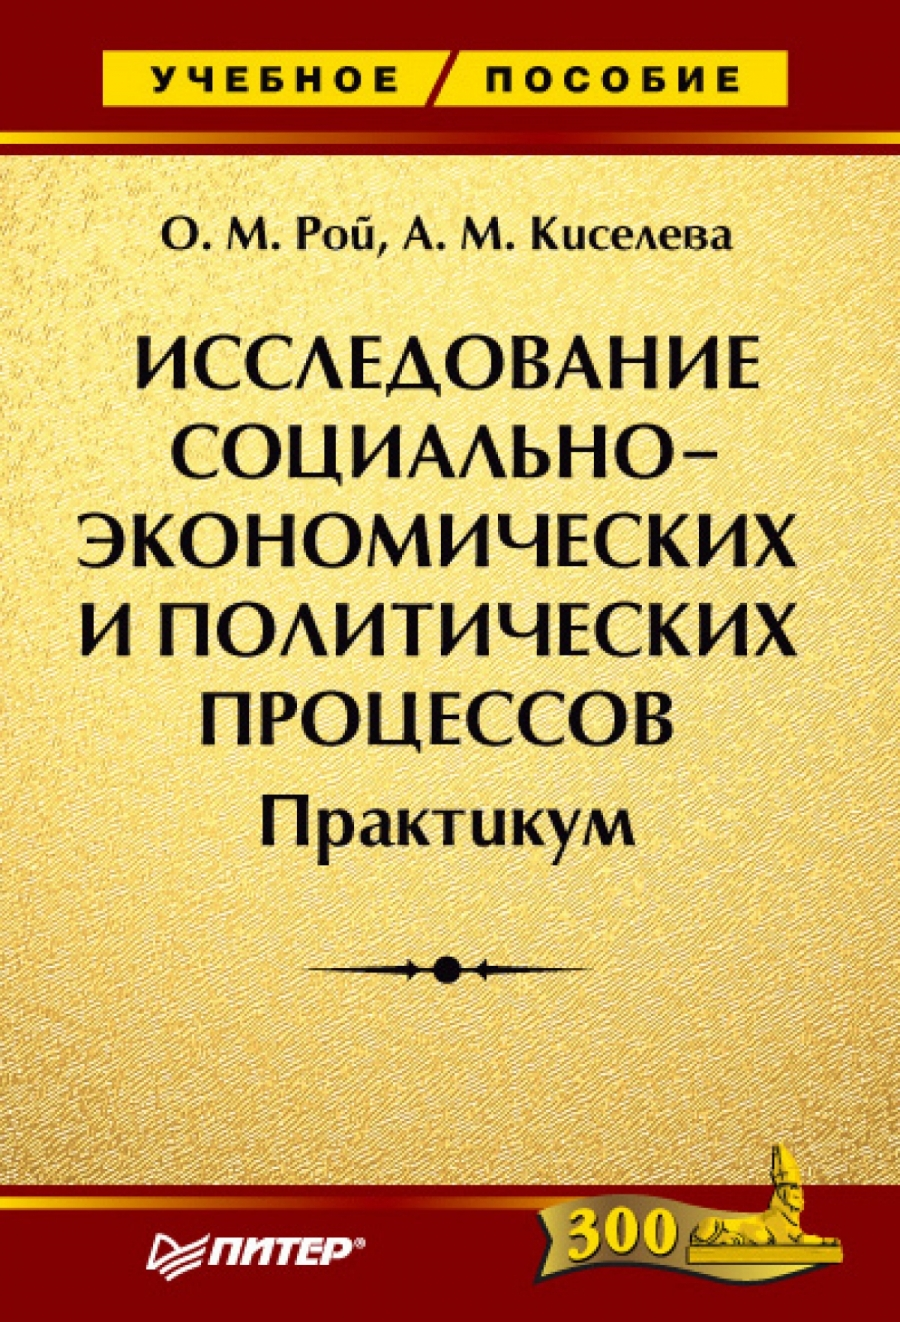 Обложка книги:  о. м. рой, а. м. киселева. - исследование социально-экономических и политических процессов. практикум